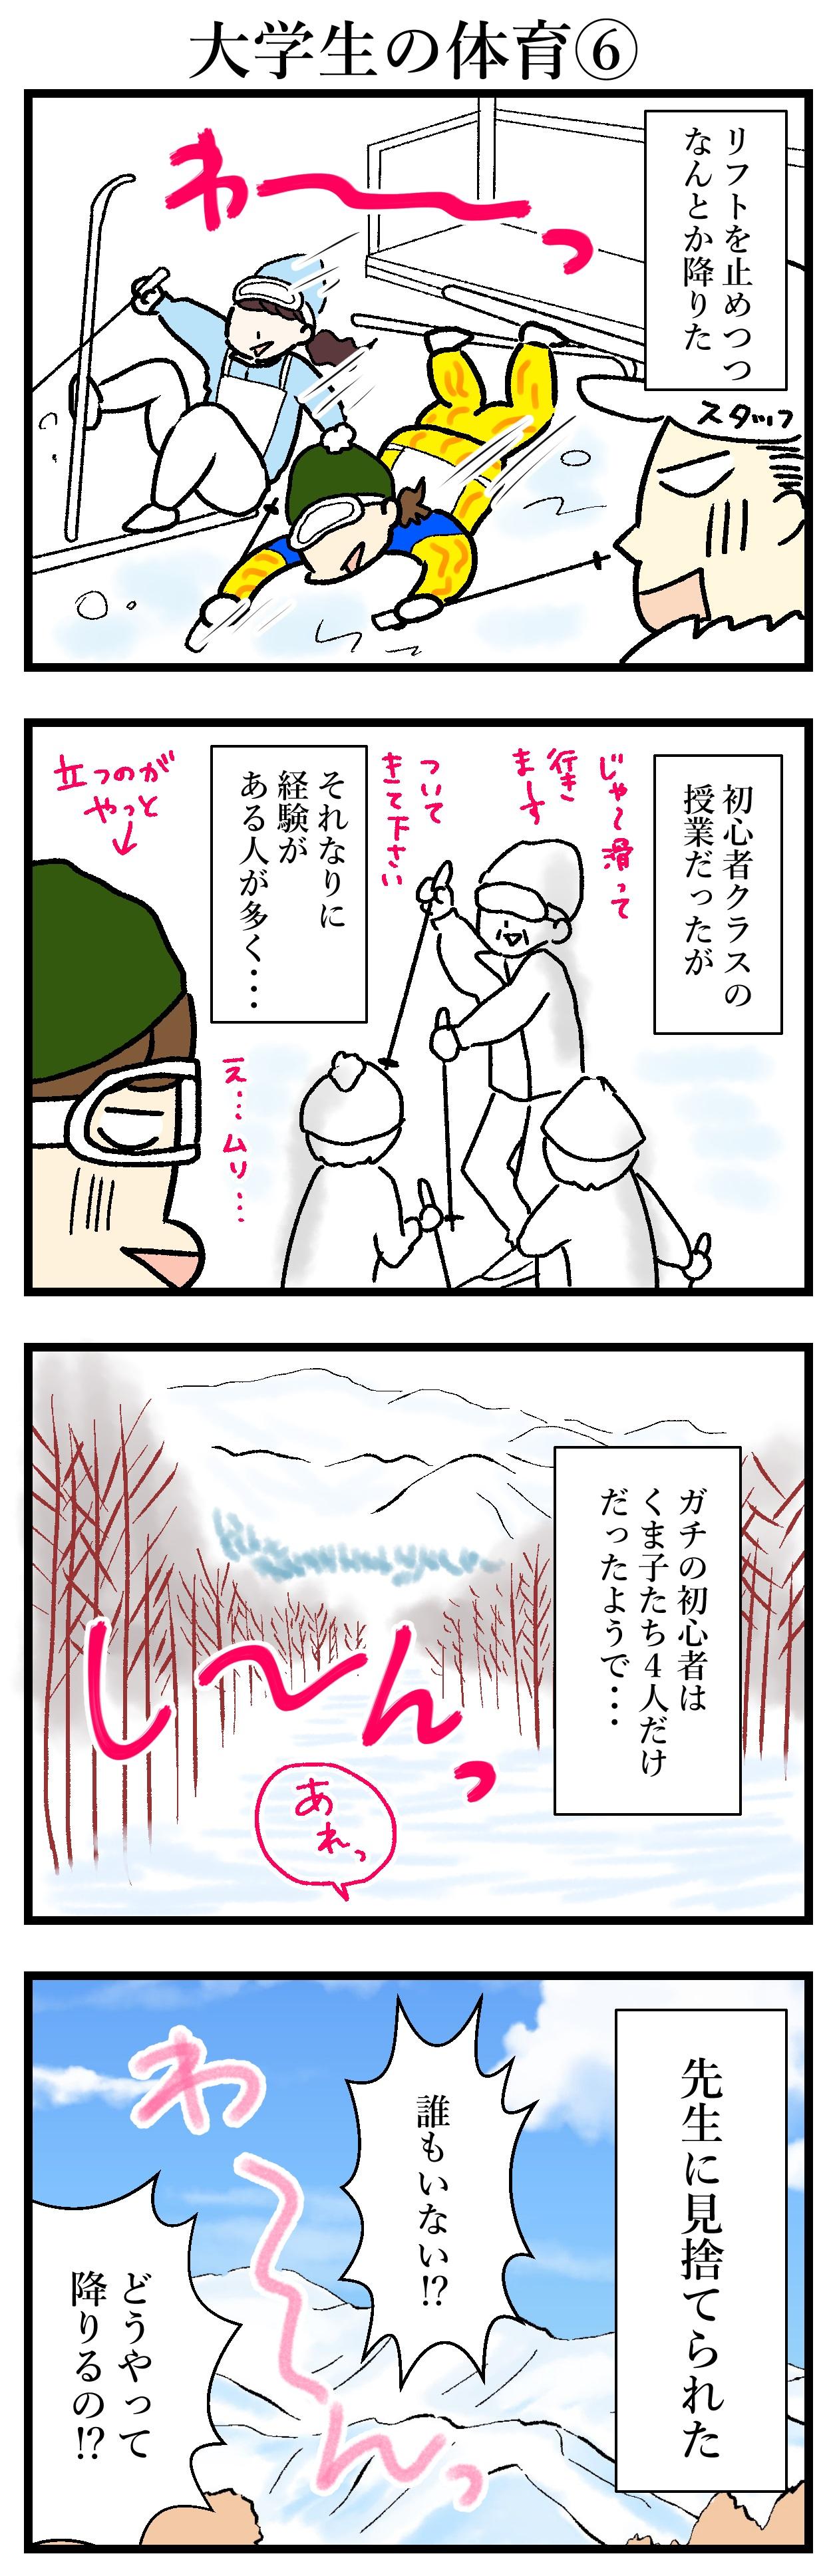 【エッセイ漫画】アラサー主婦くま子のふがいない日常(97)